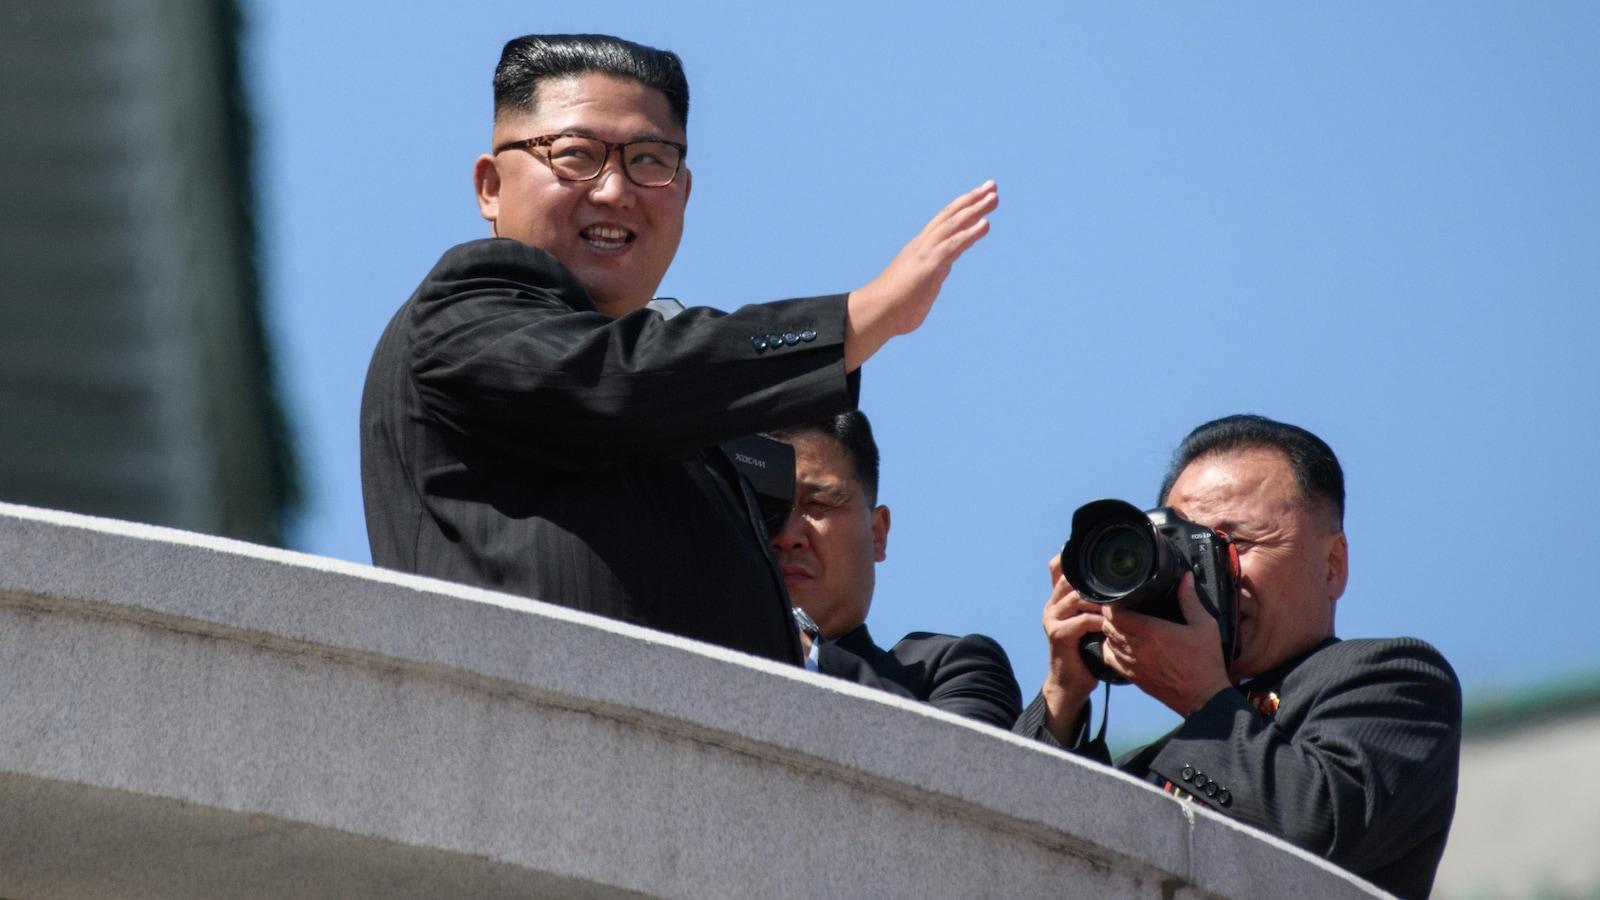 Le leader nord-coréen Kim Jong-un salue la foule lors de sa visite à Pékin.